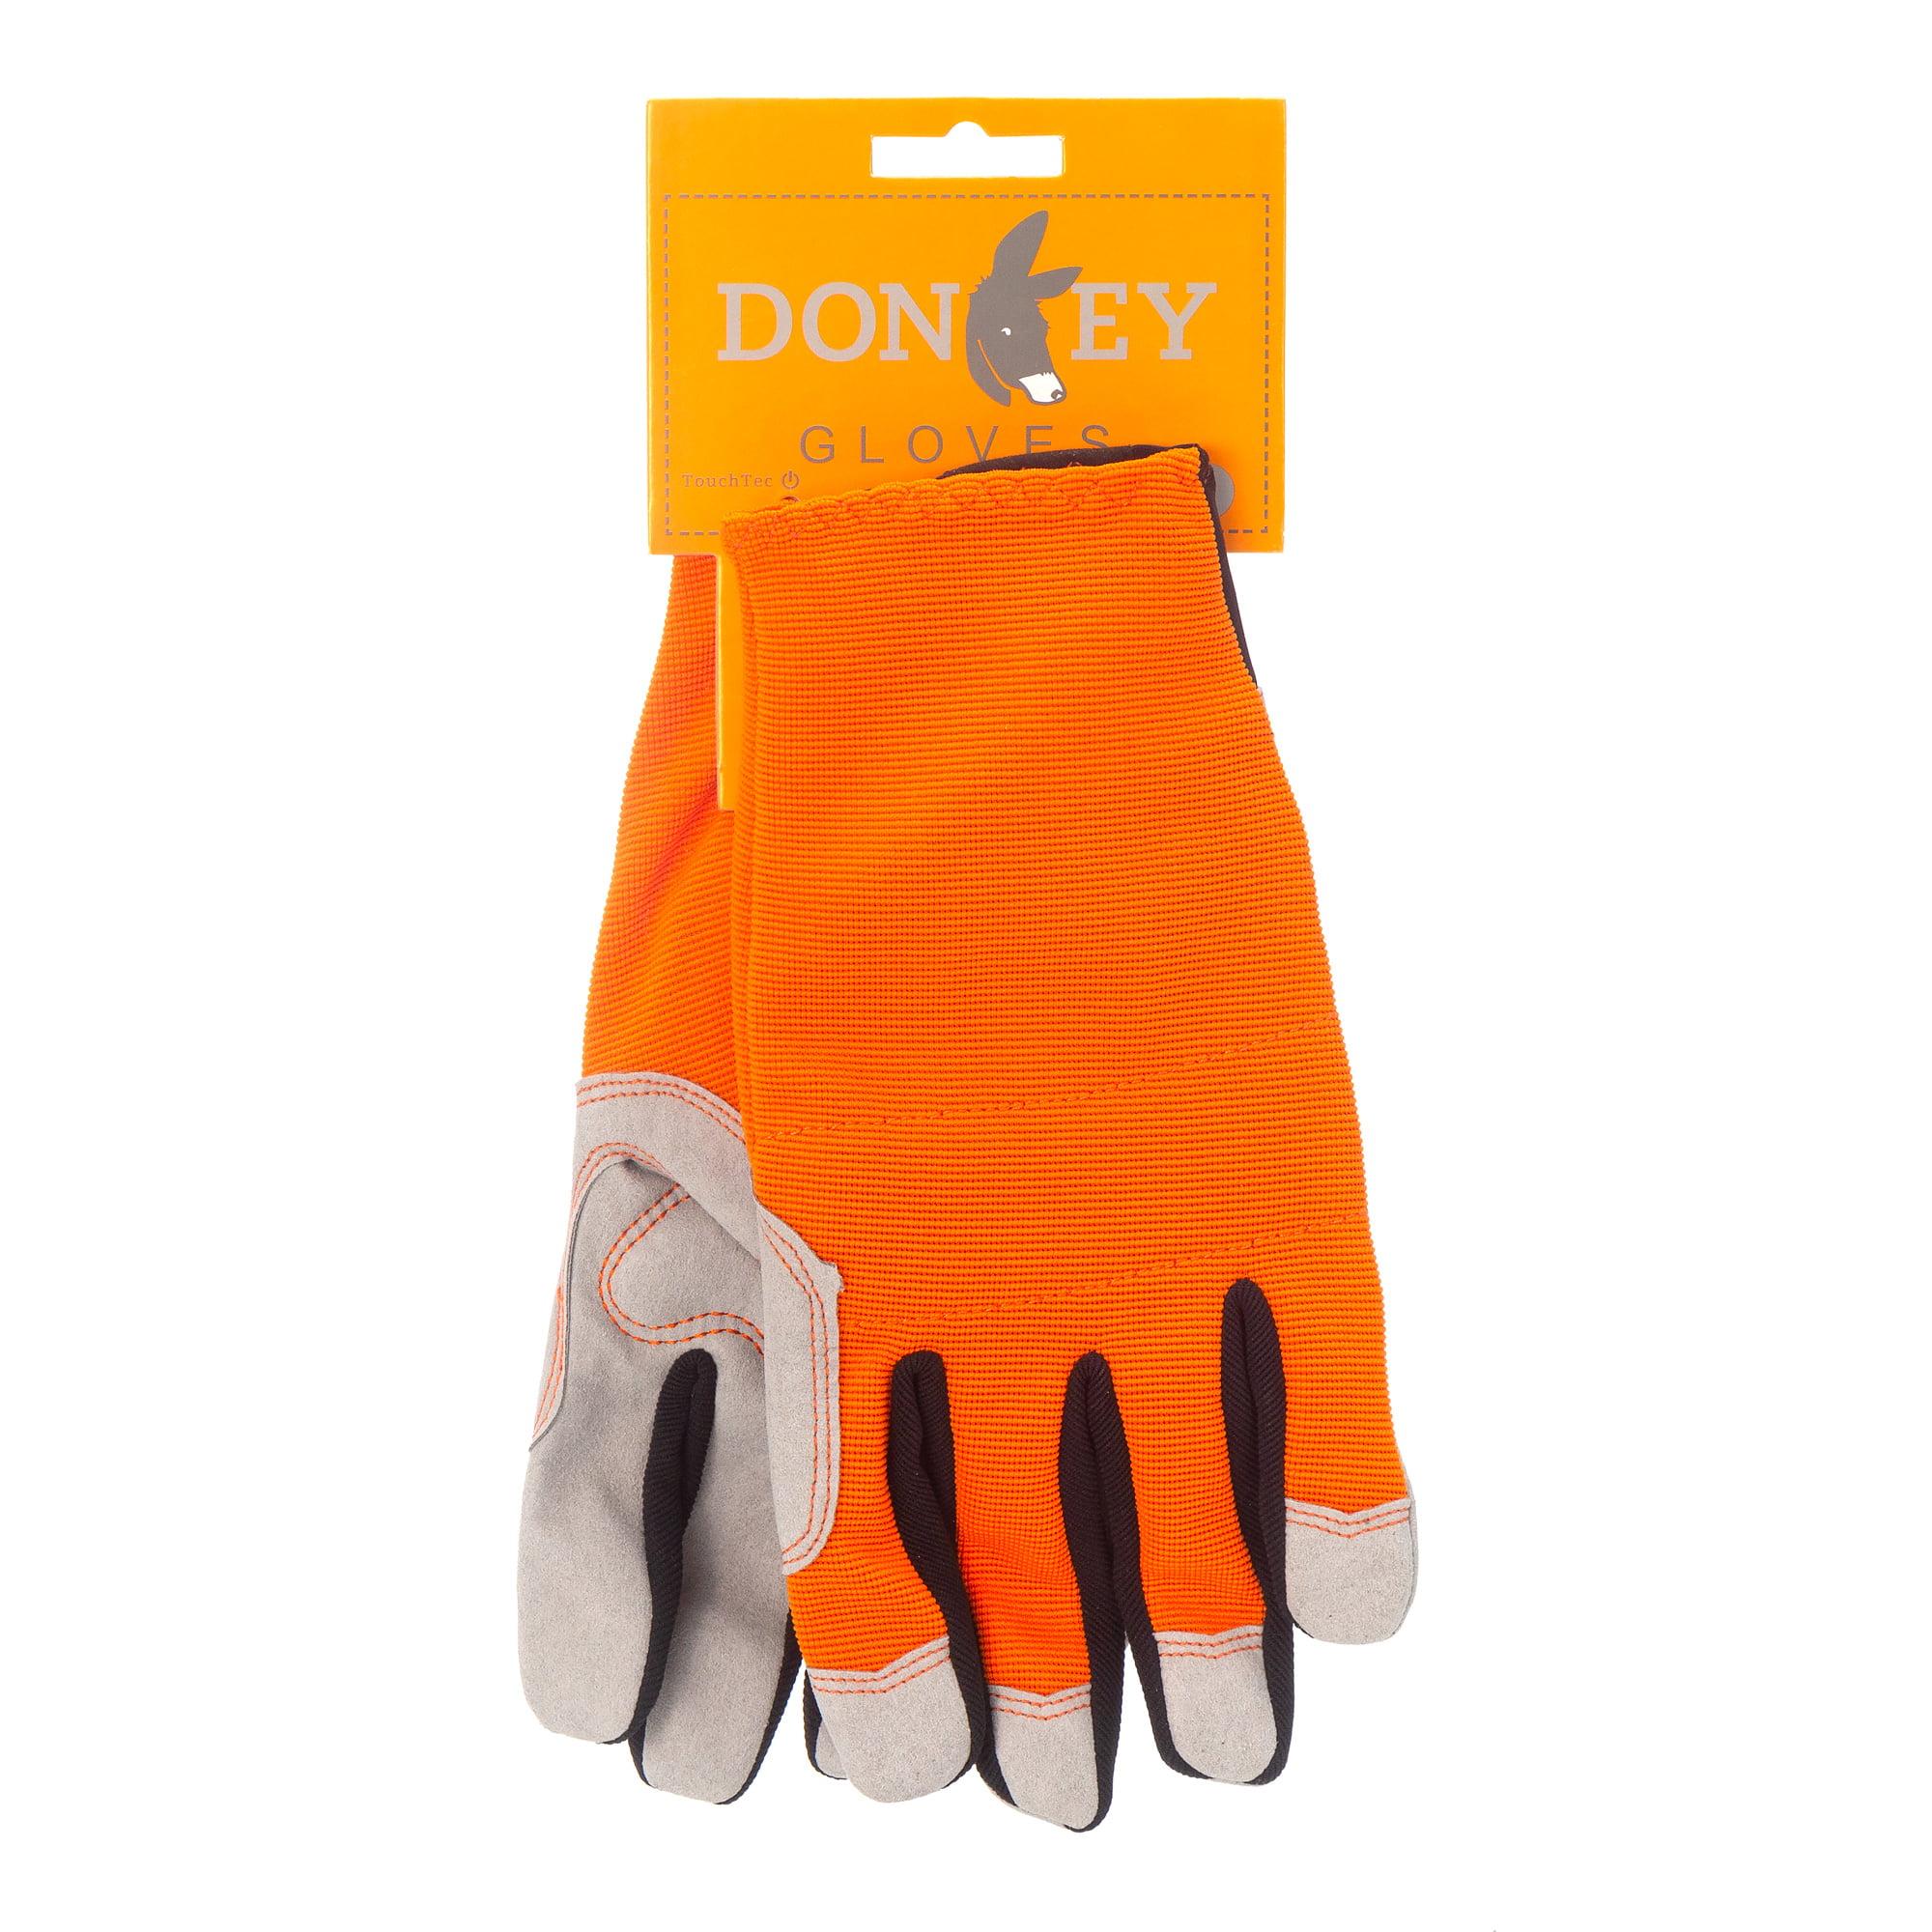 Donkey Gardening Gloves (Small)